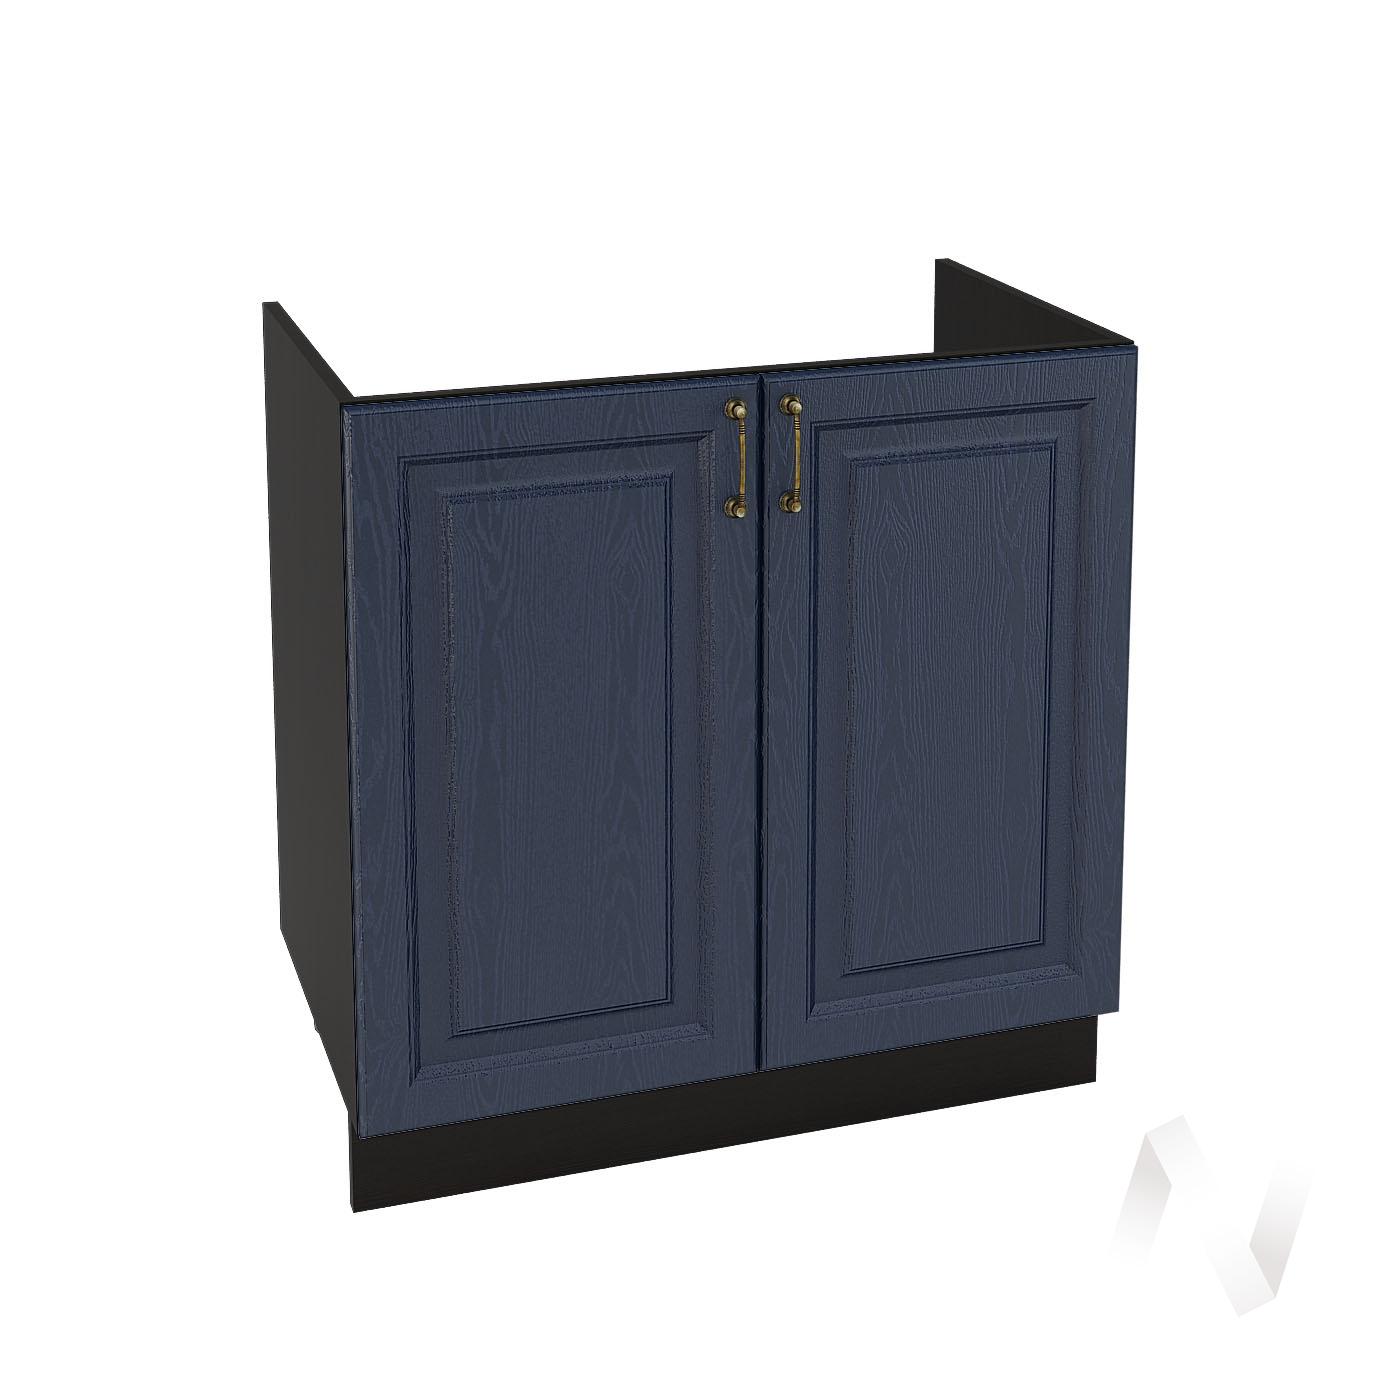 """Кухня """"Ницца"""": Шкаф нижний под мойку 800, ШНМ 800 (Дуб чернильный/корпус венге)"""